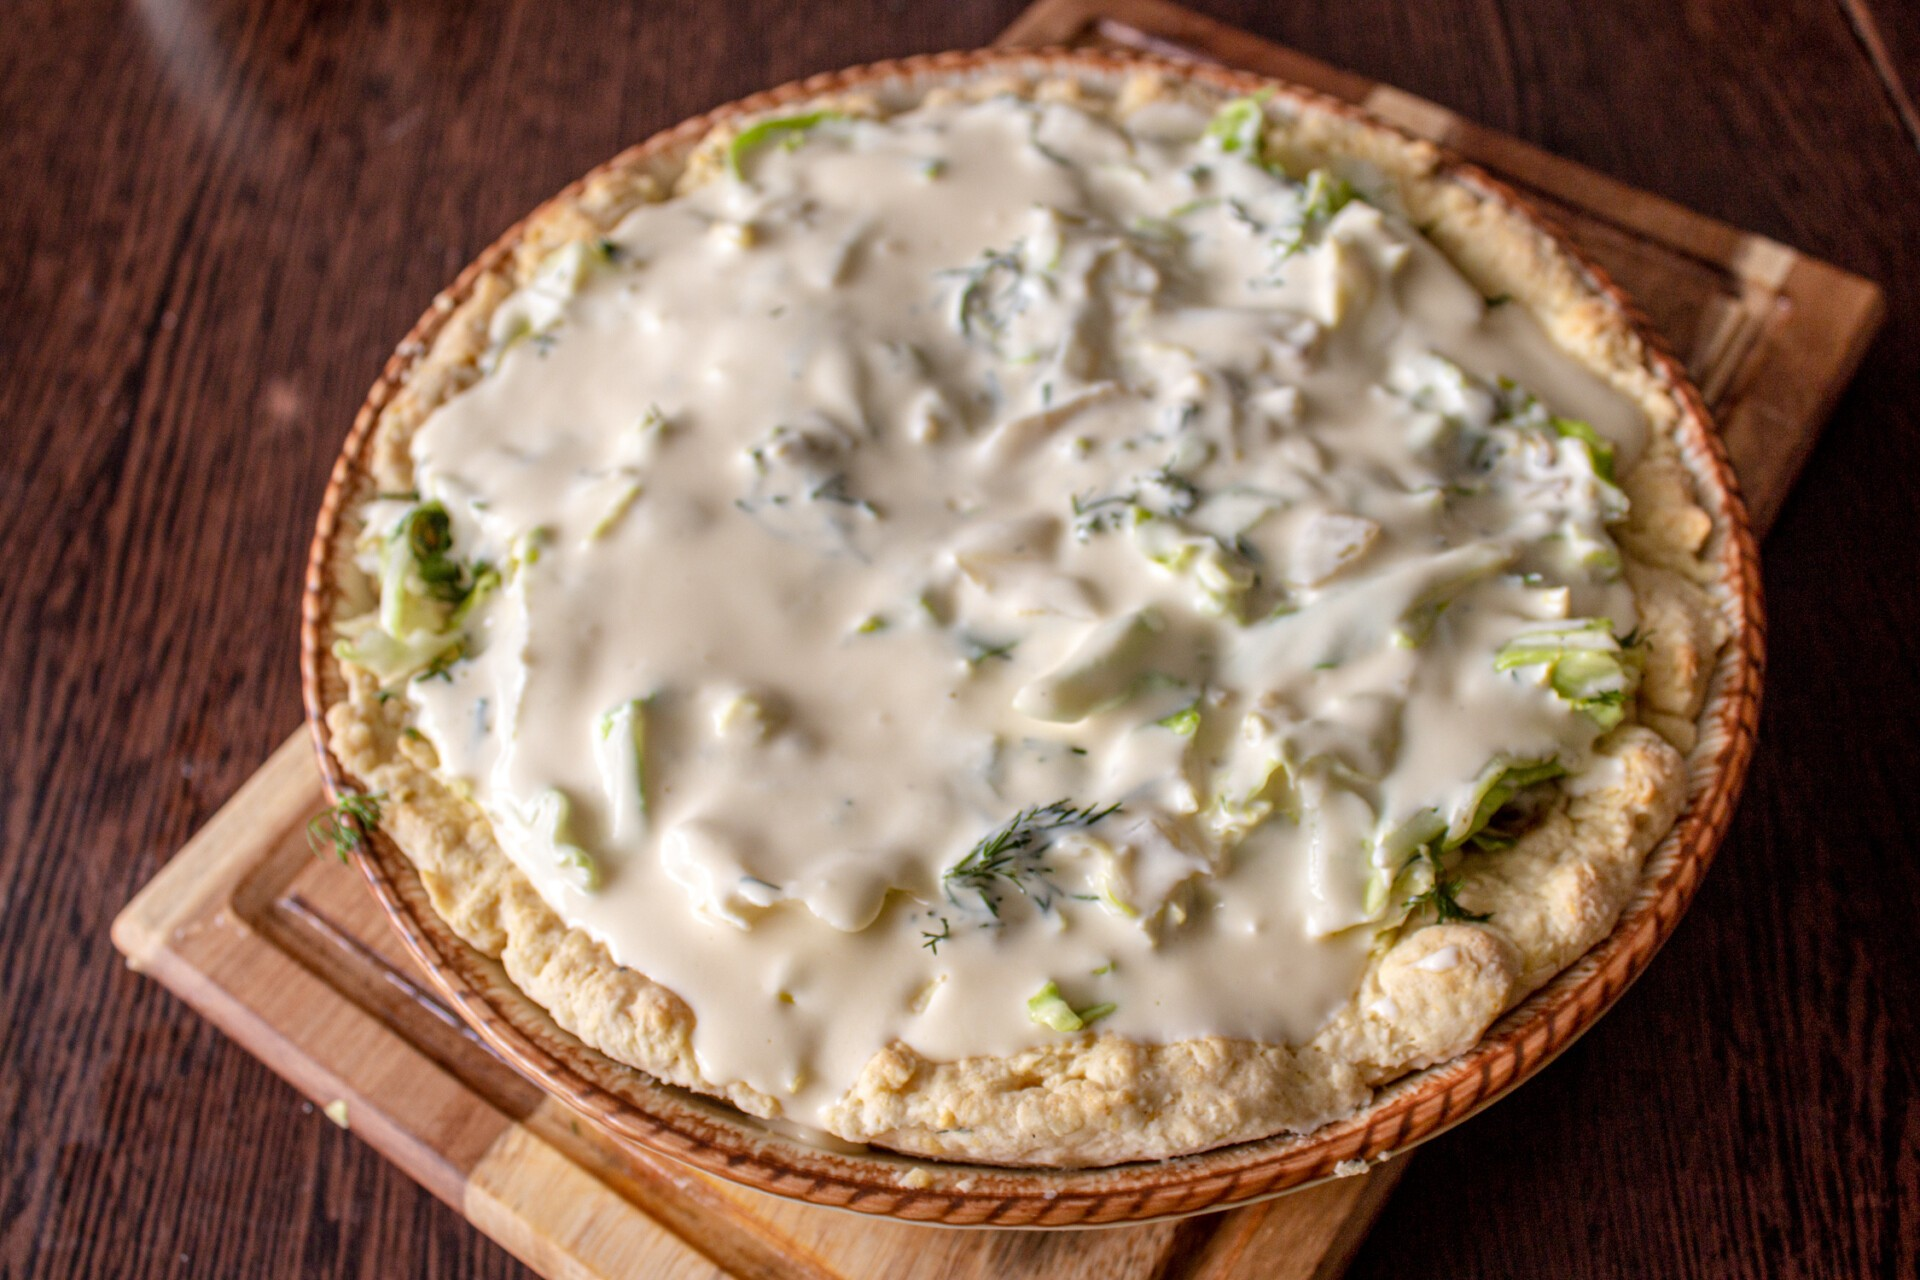 Киш с капустой и яйцом: заливаем пирог сметанной заливкой